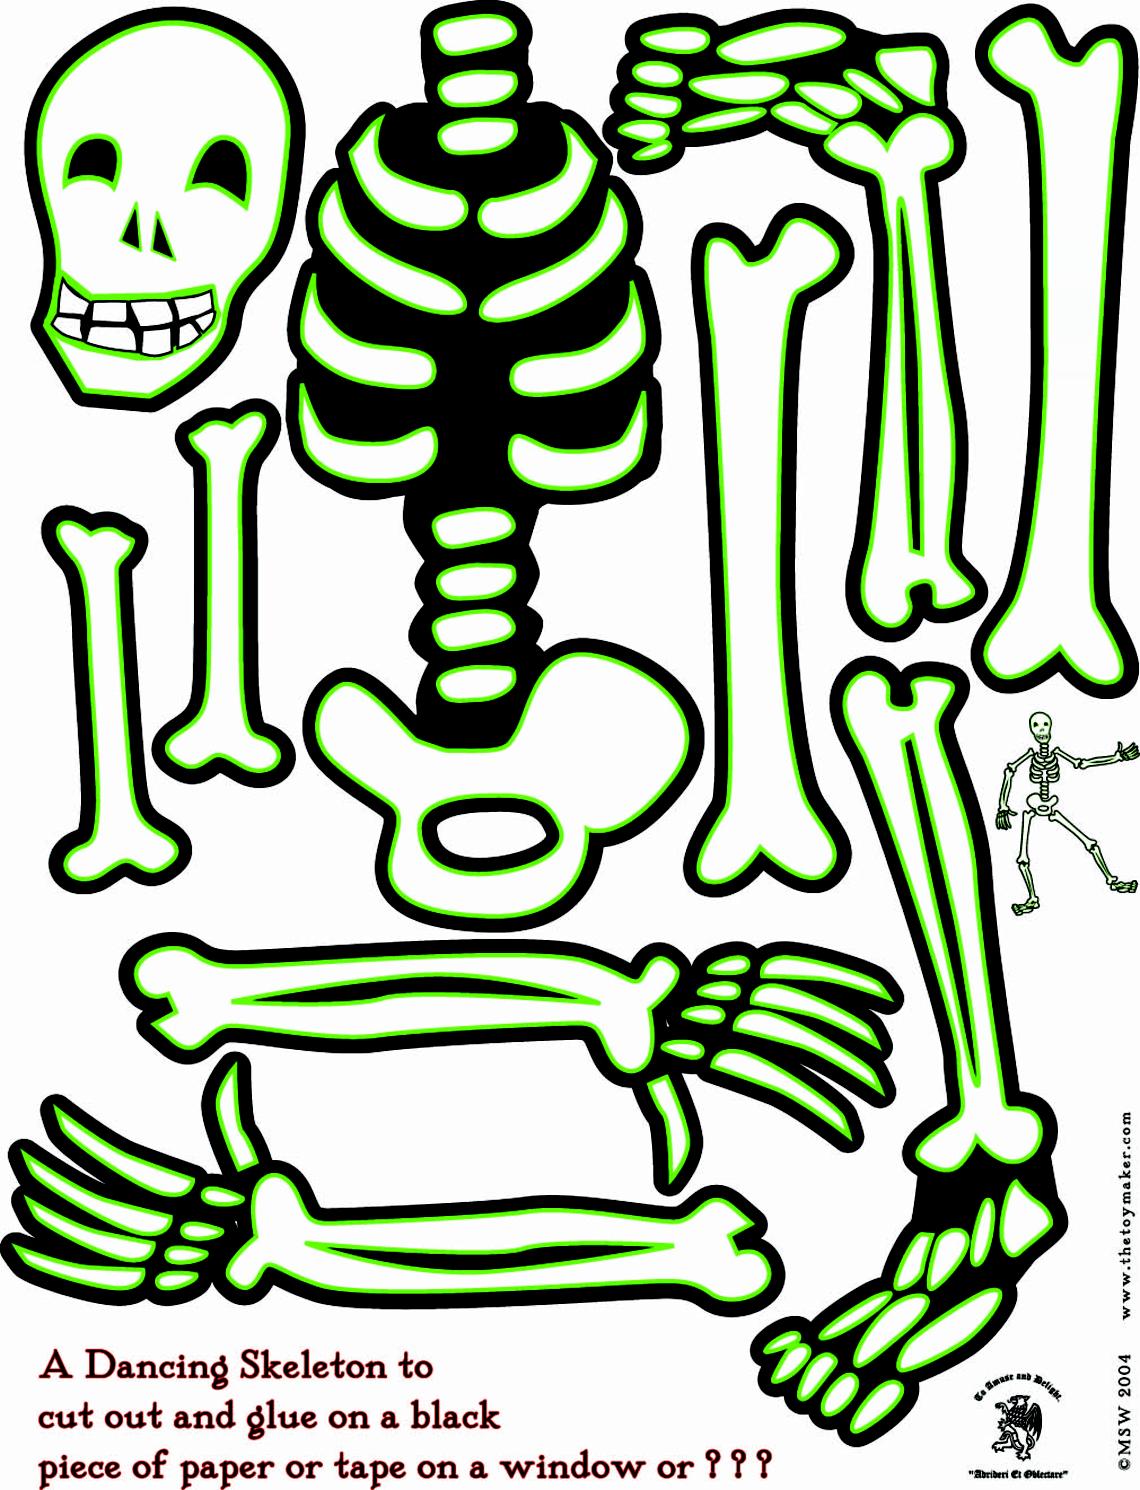 фото скелет шаблон картинка руках